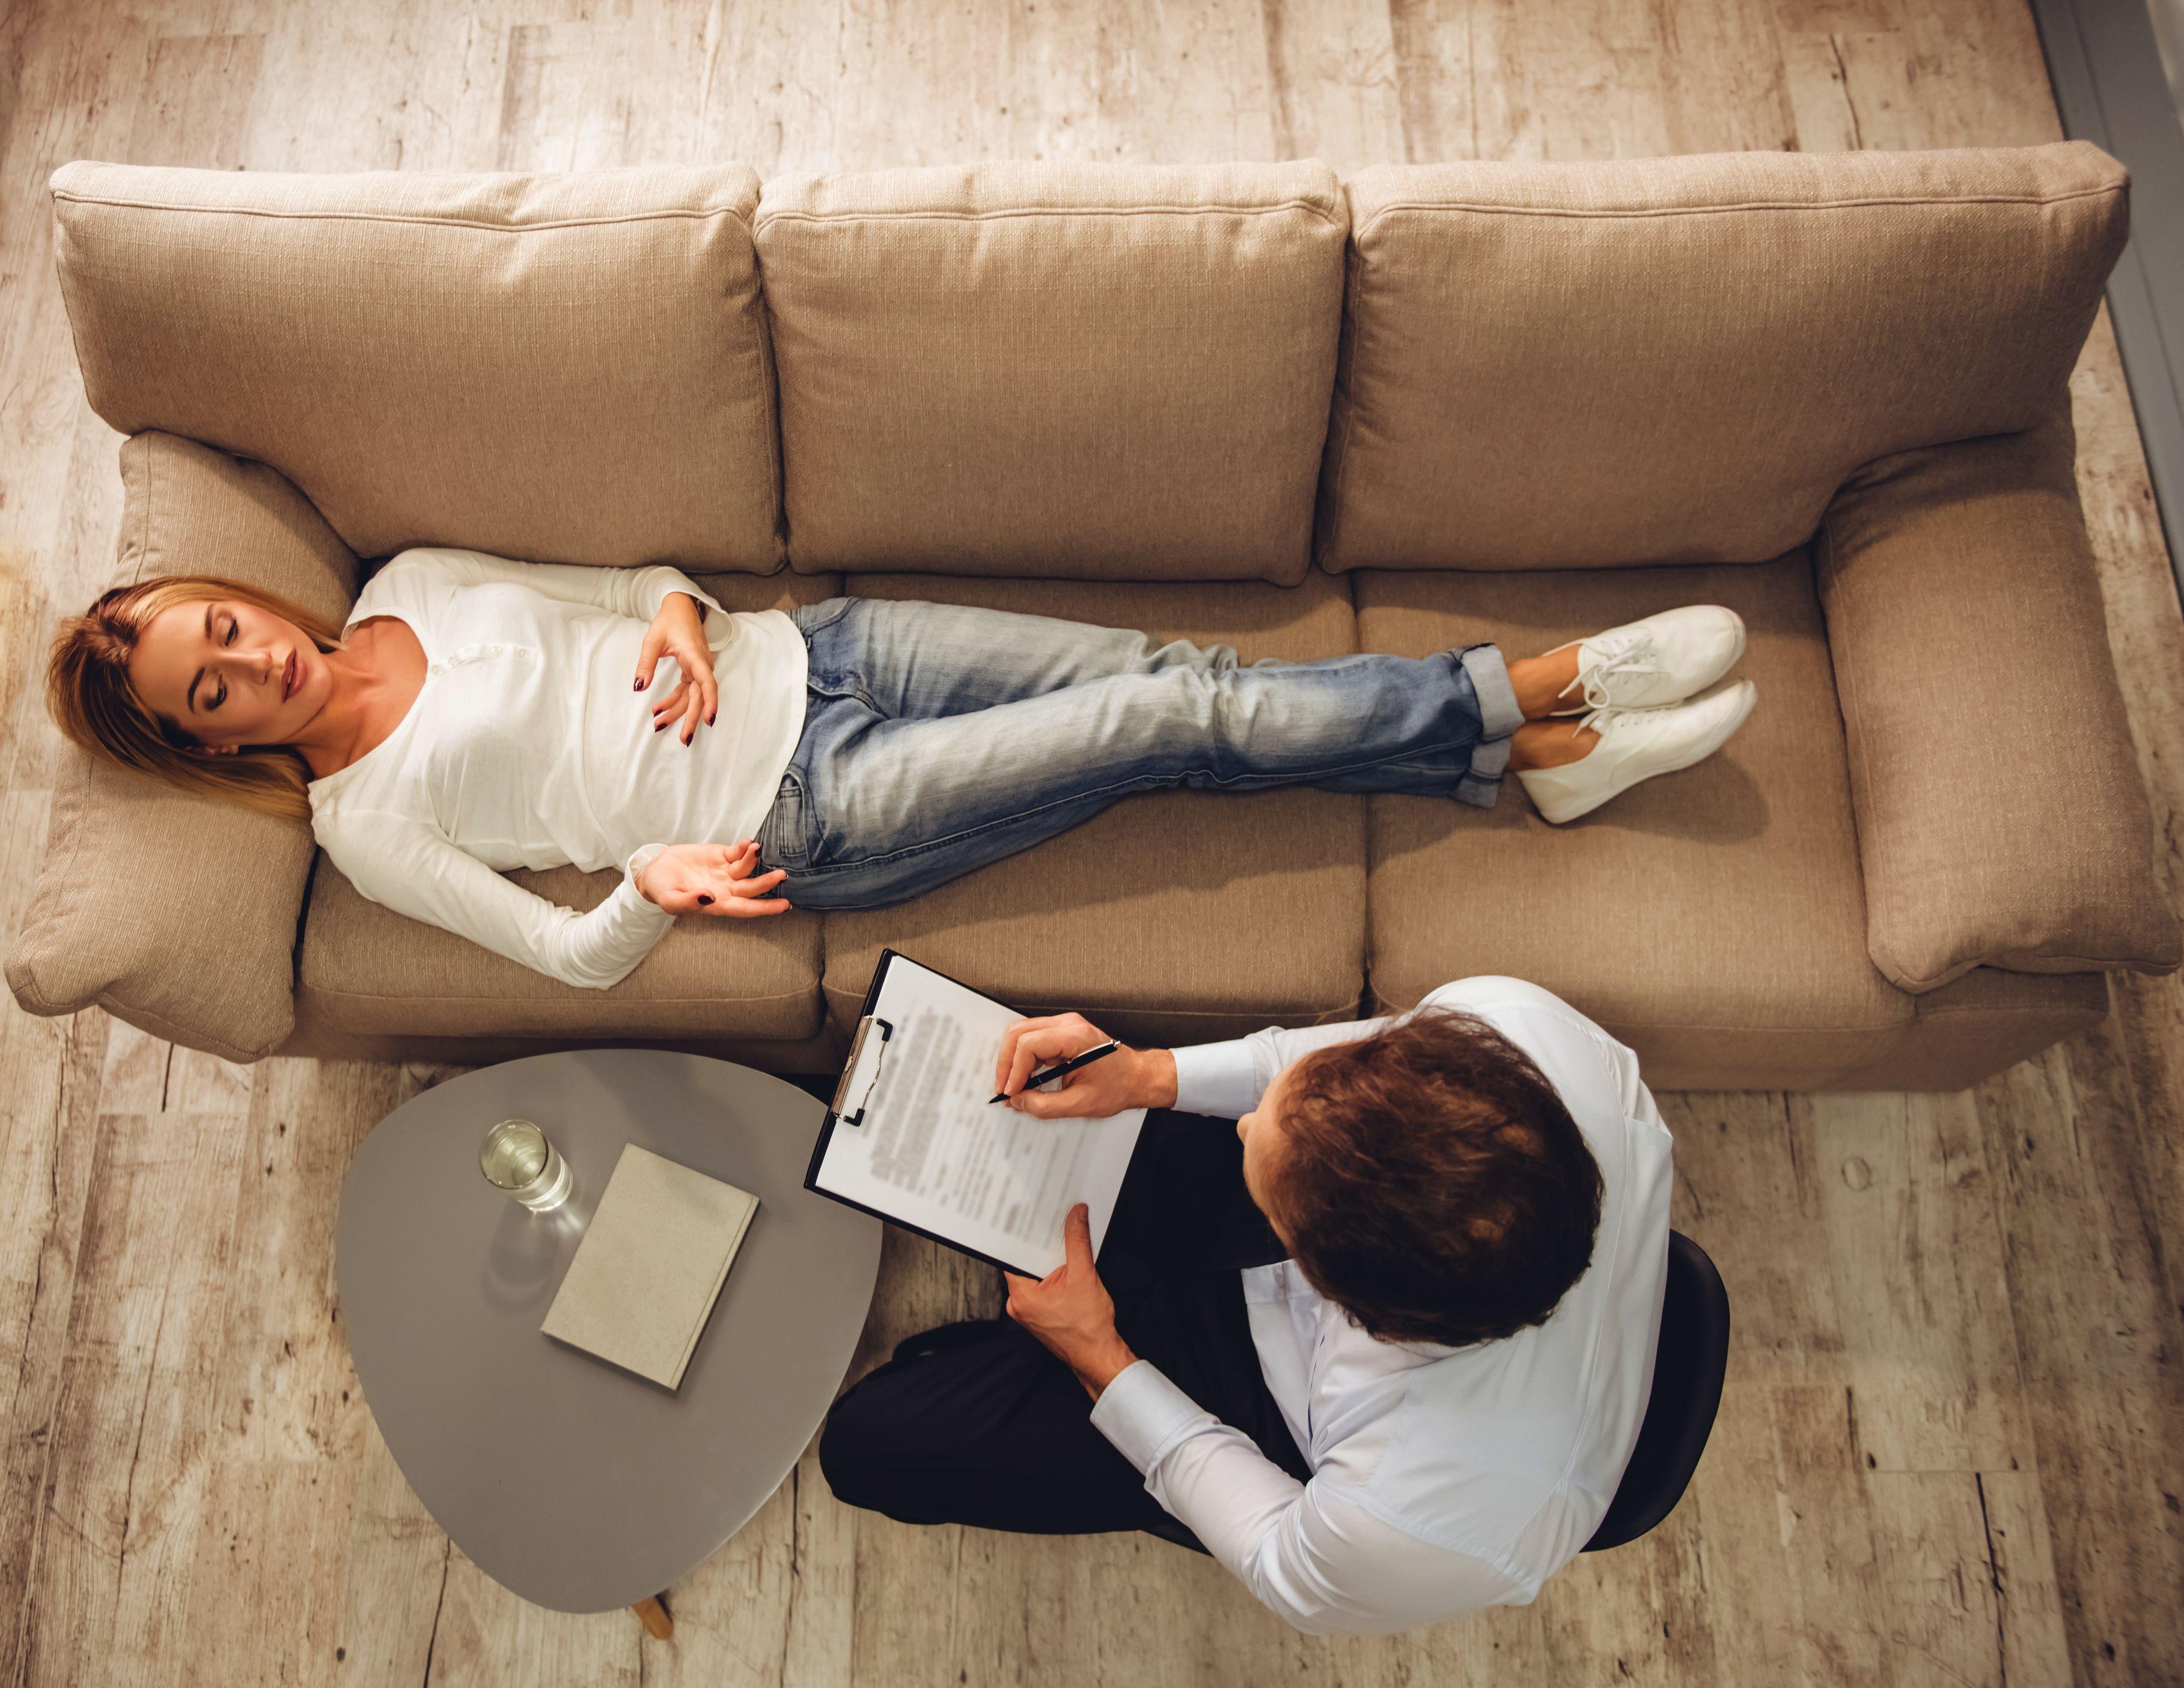 Polacy niechętnie przyznają się do problemów ze zdrowiem psychicznym (fot. Shutterstock)